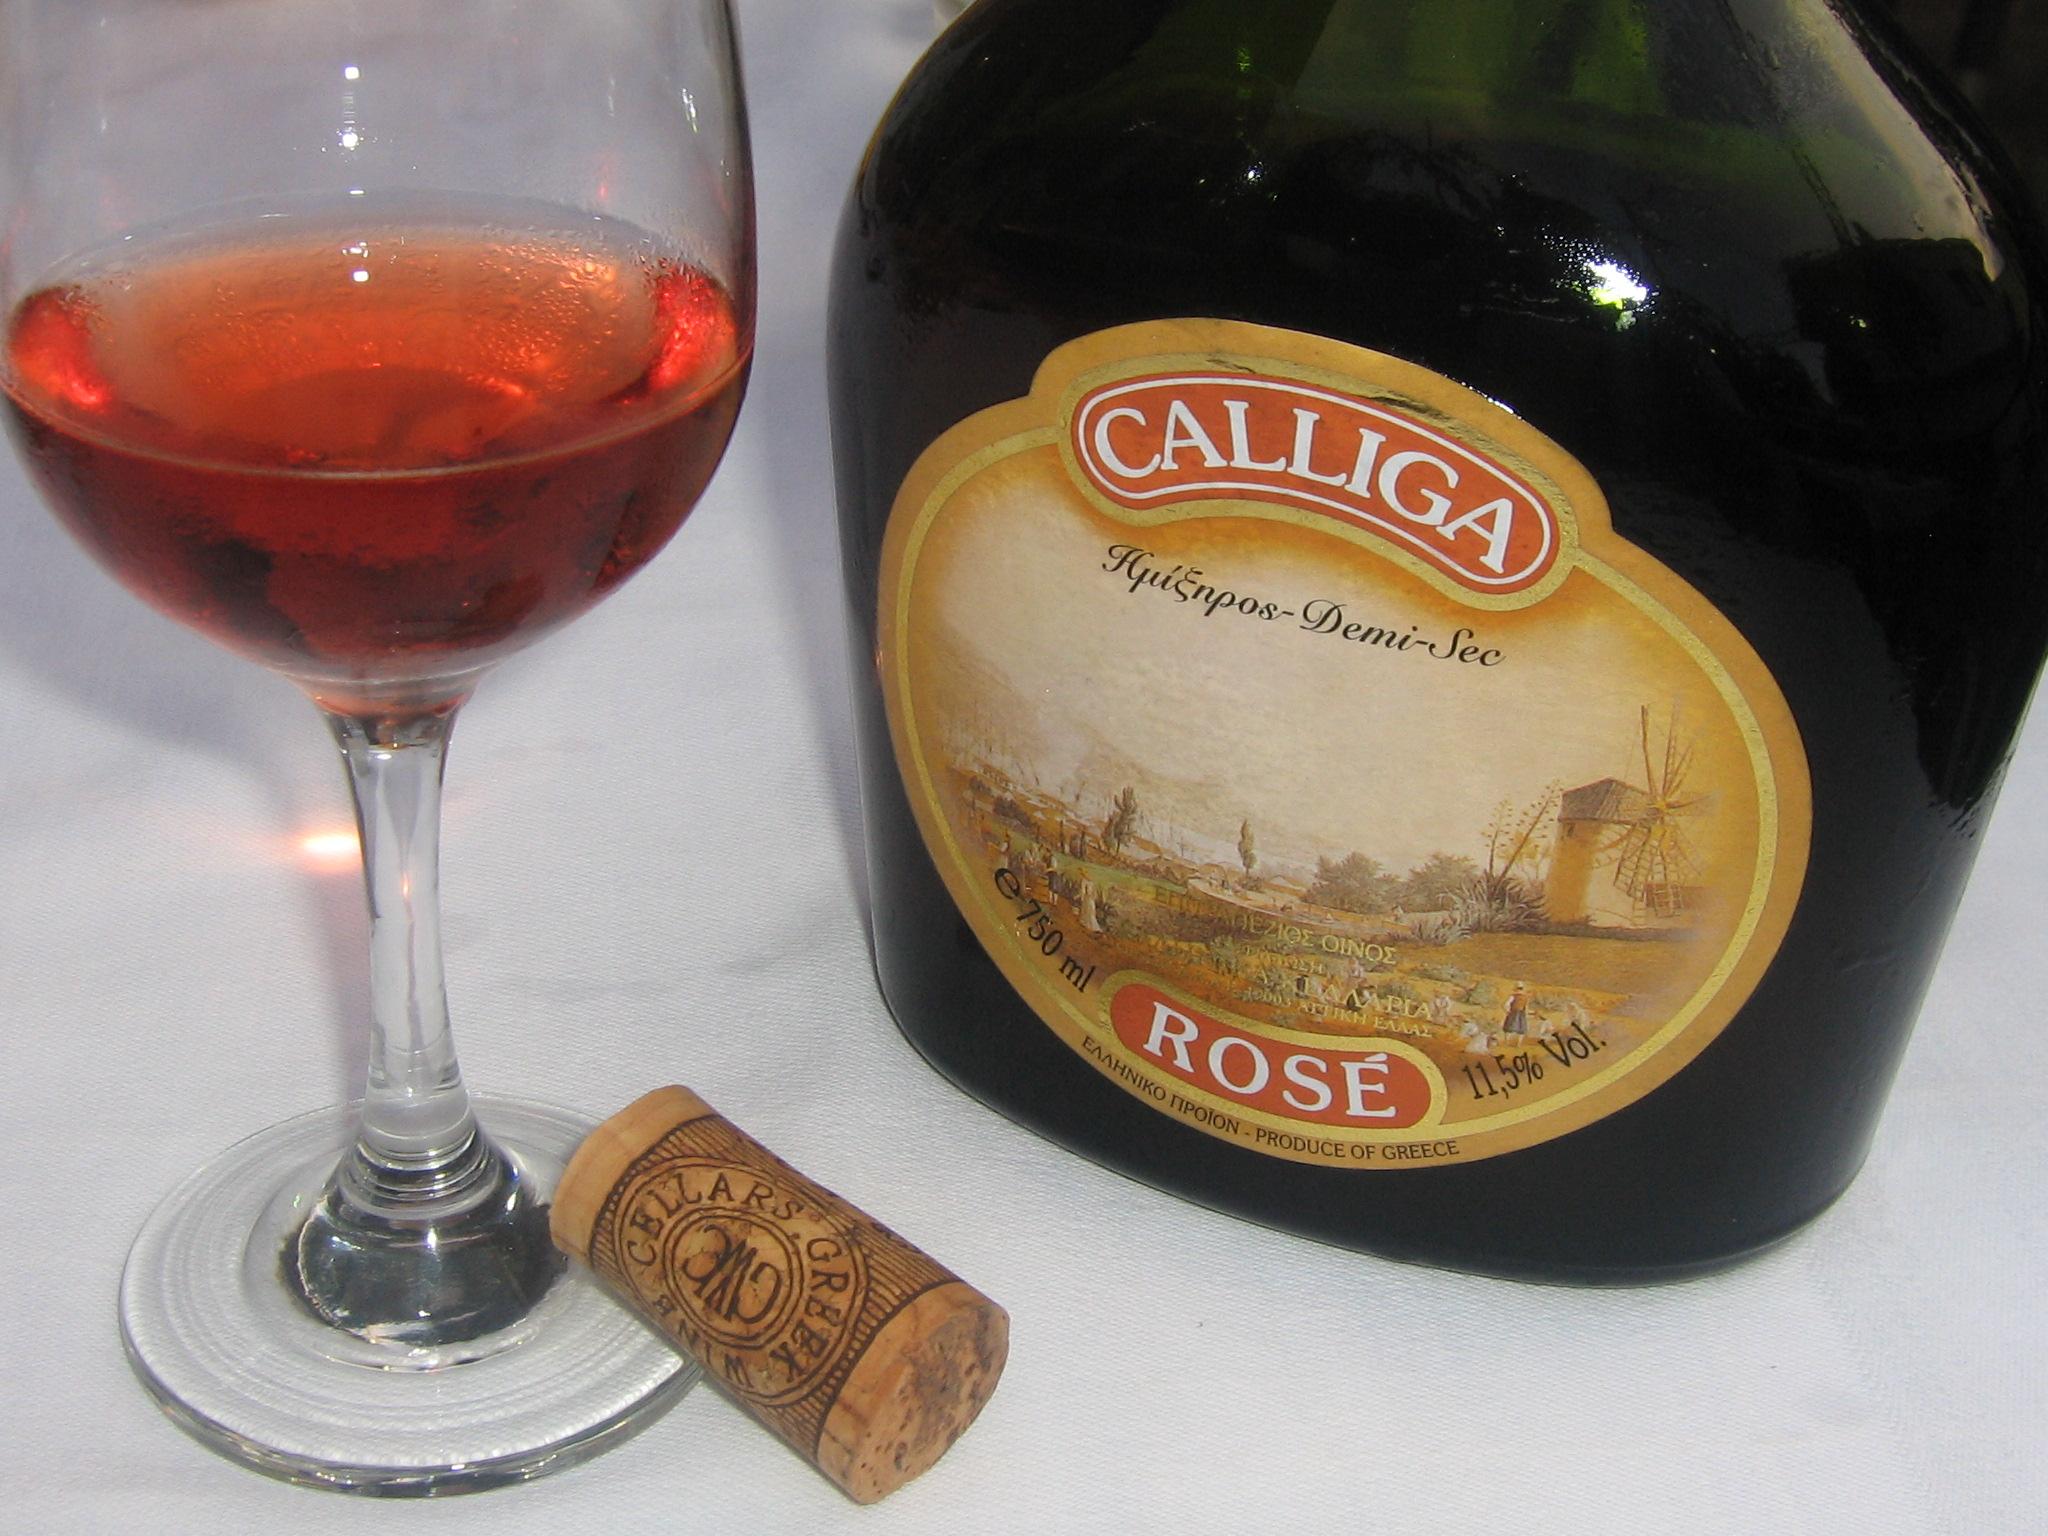 Calliga Rosé